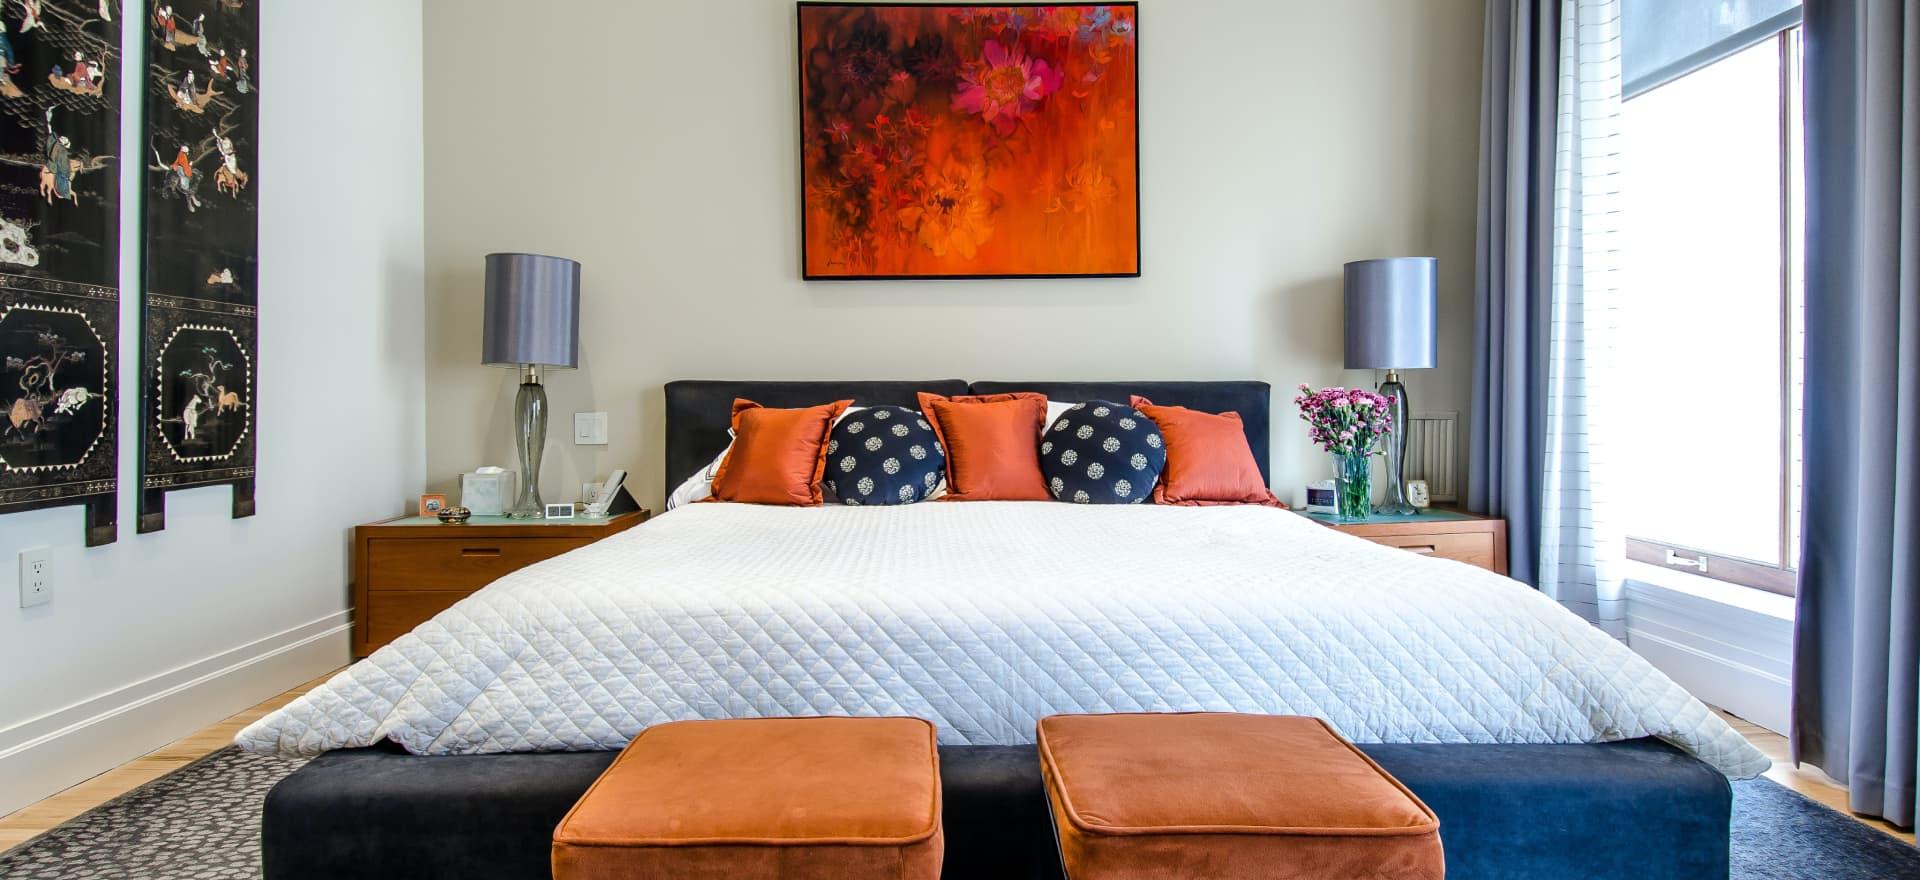 mattresses dublin